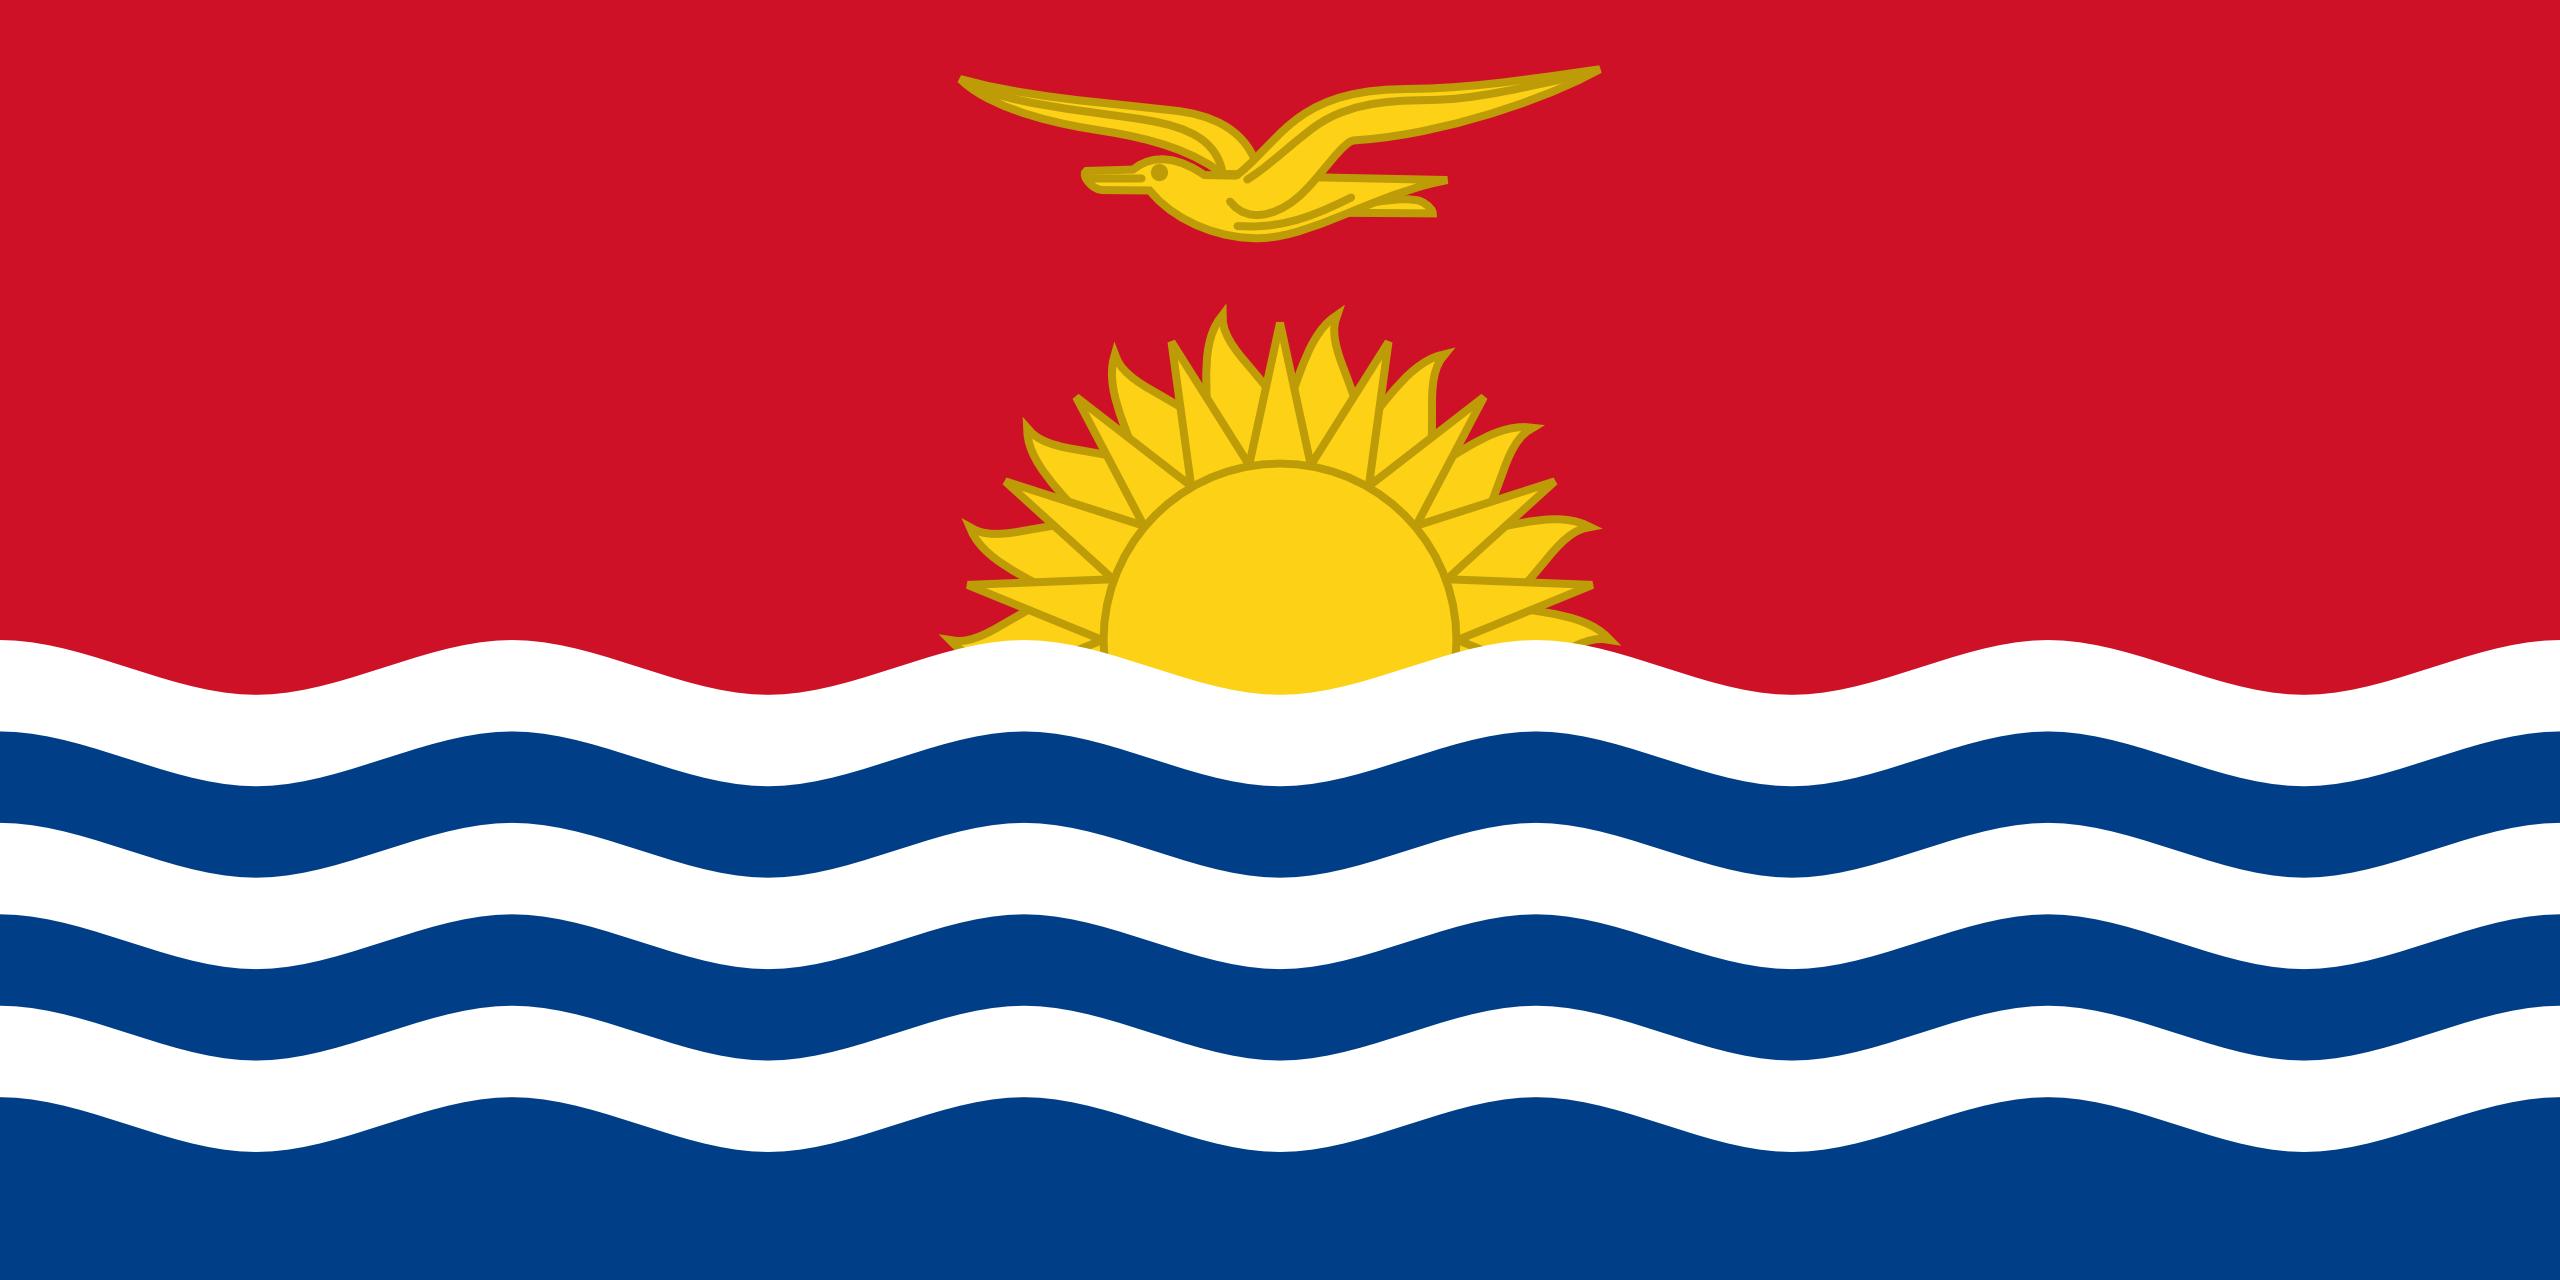 kiribati, país, emblema, insignia, símbolo - Fondos de Pantalla HD - professor-falken.com